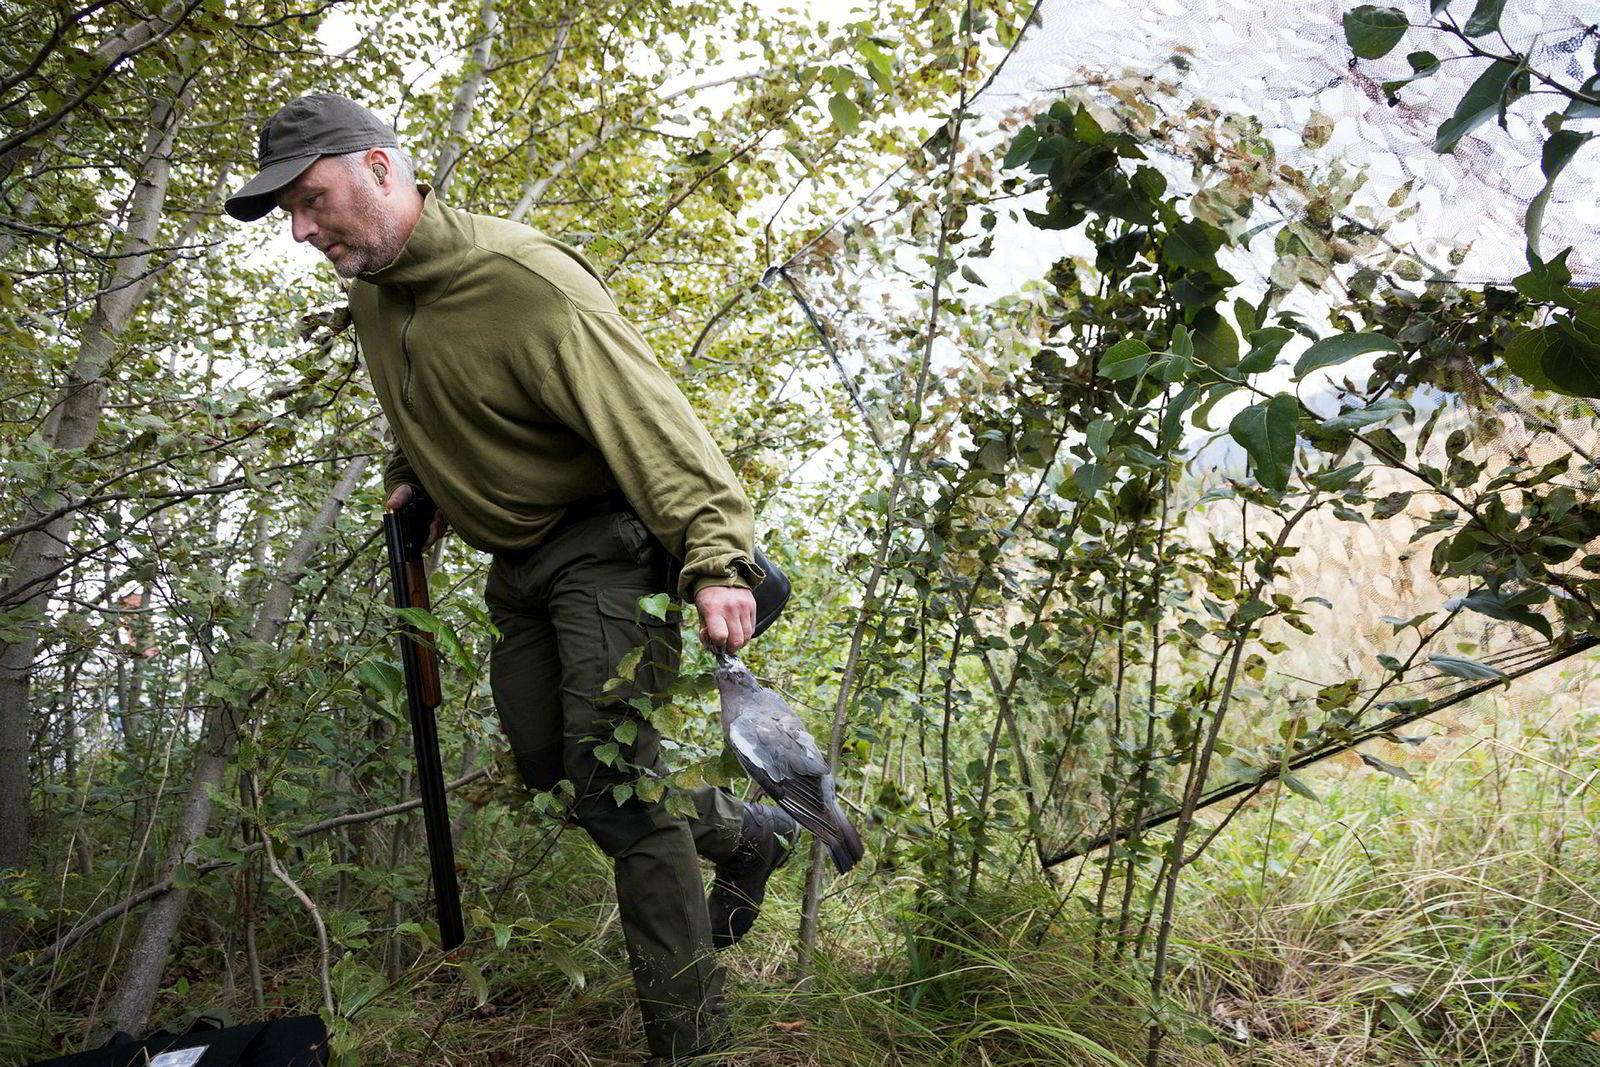 Elling Tryterud bærer inn dagens første due inn bak kamuflasjenettet i kanten av åkeren.